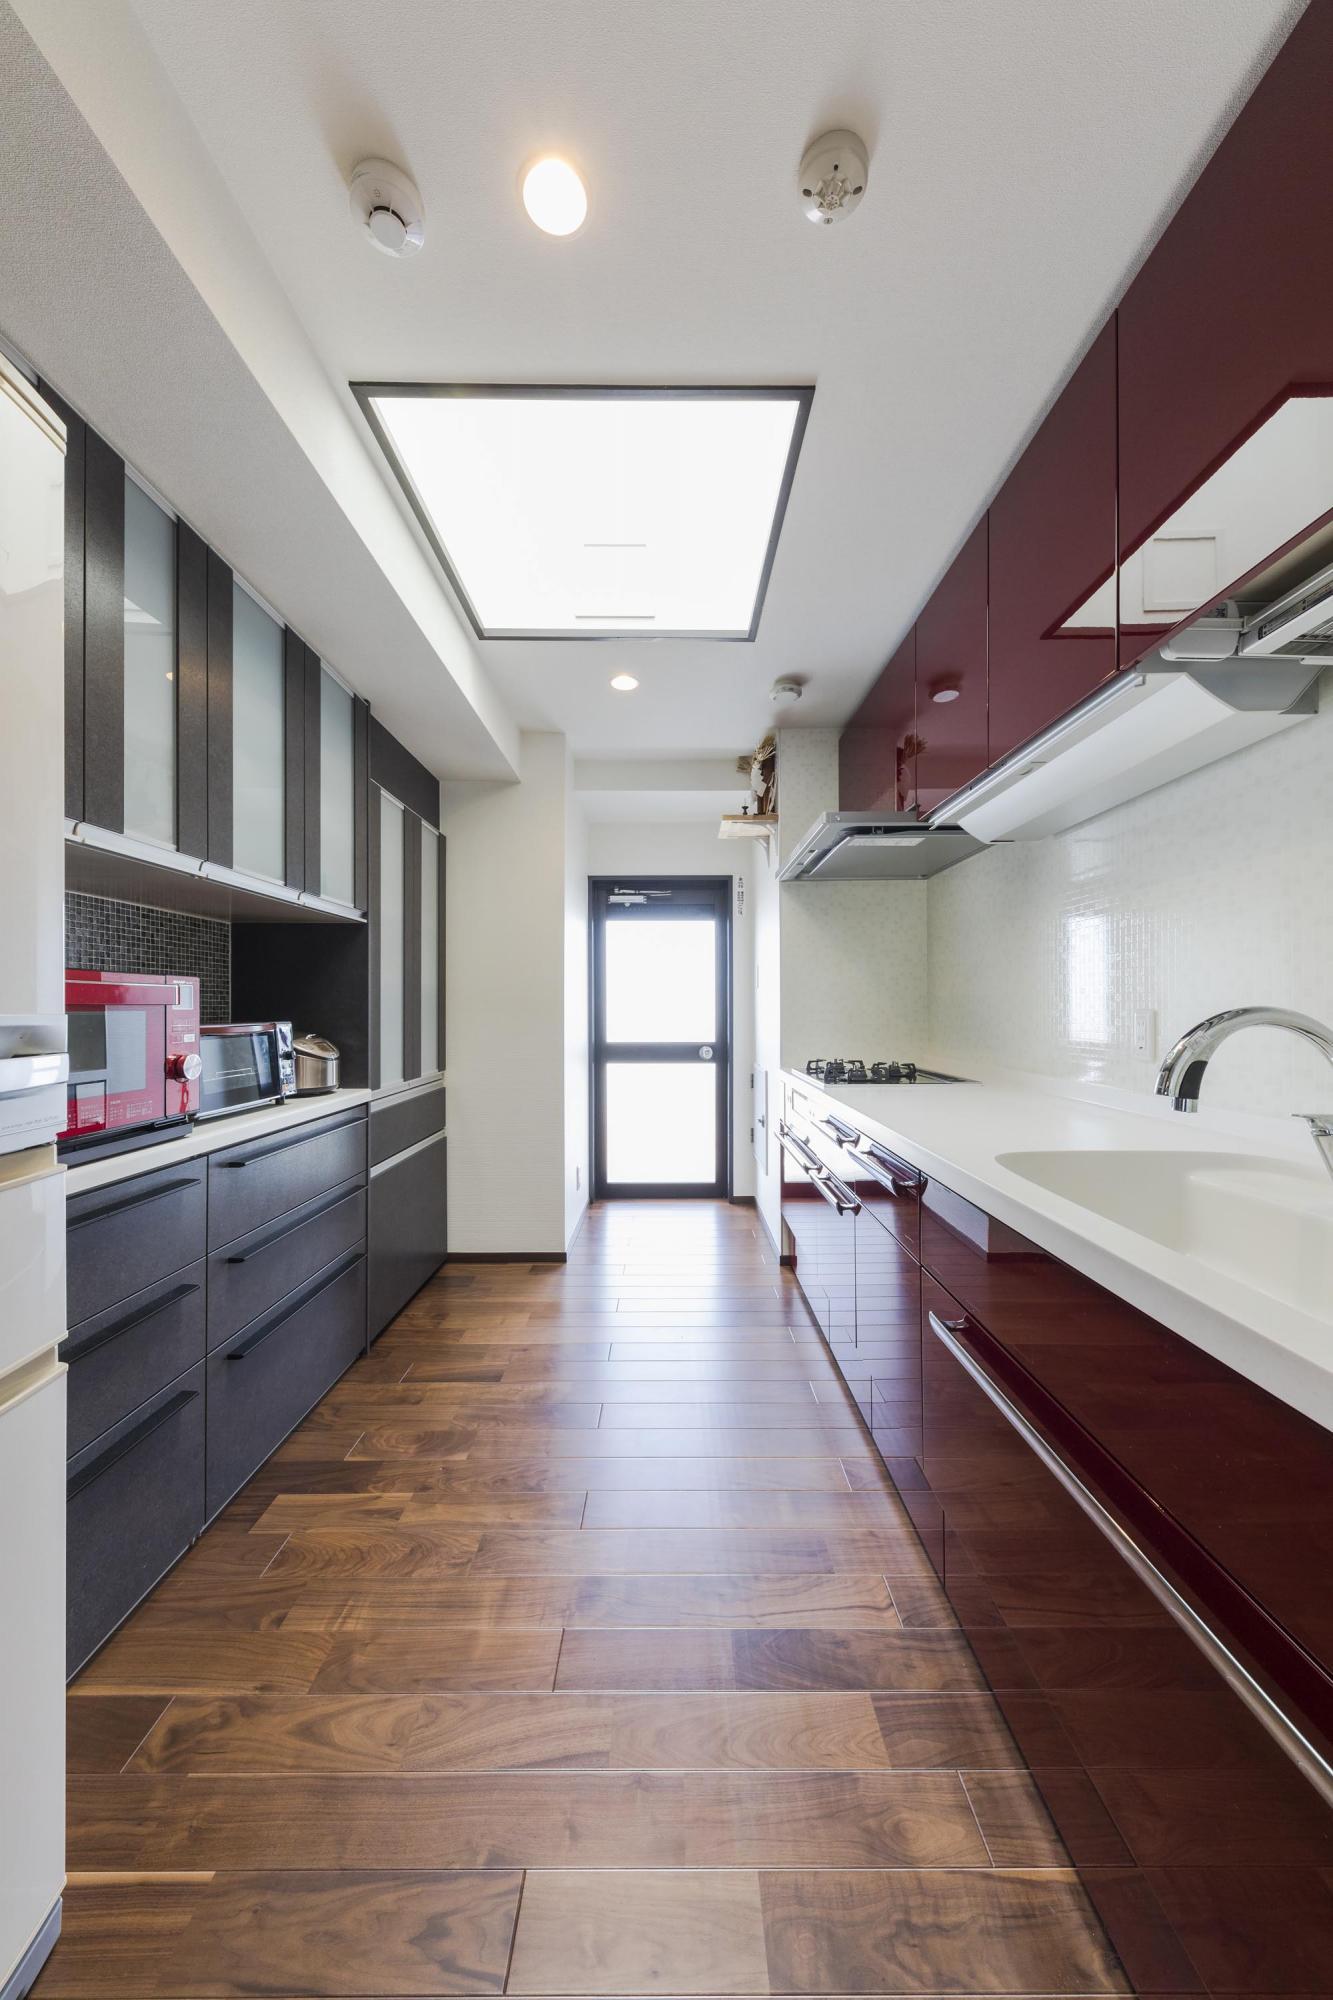 床を木質フロアに張り替え、壁や天井のクロスも新しくしたキッチン空間。もちろん、設備も新しいキッチンやカップボードに変更し、一部タイル貼りに。明るいキッチン空間を演出するために、既存のトップライトをそのまま残している